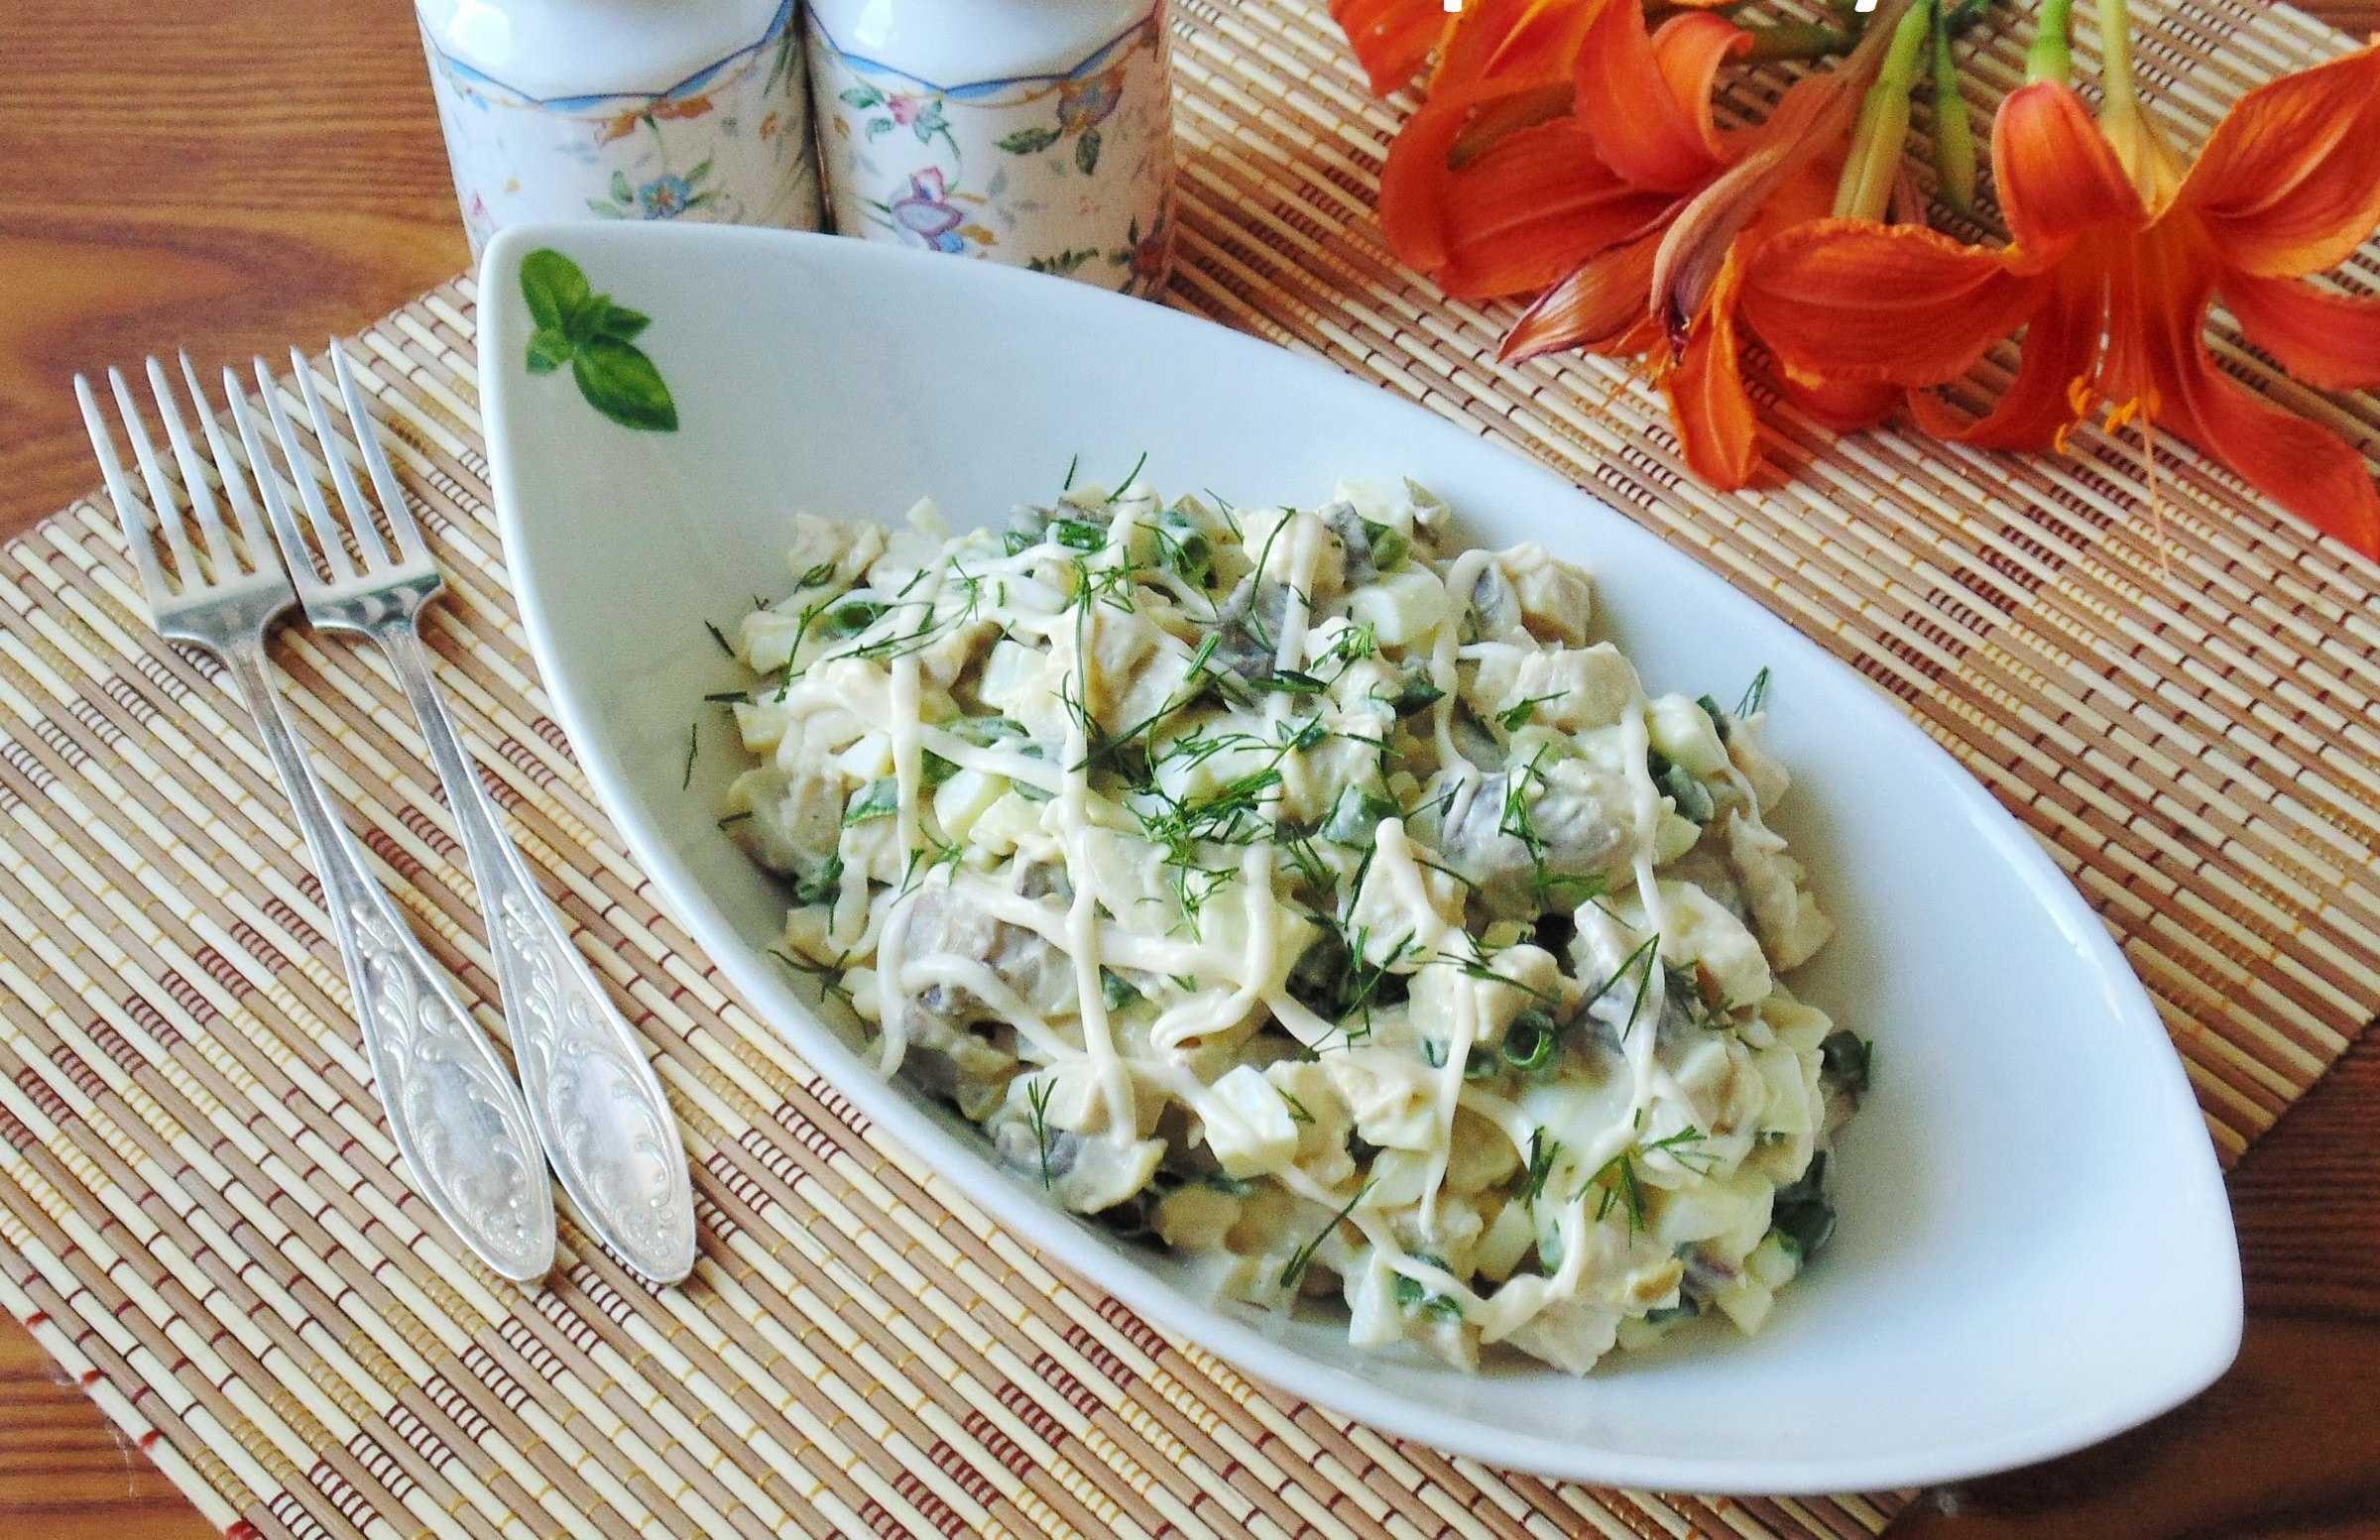 Салат с жареными шампиньонами огурцами и яйцами рецепт с фото пошагово - 1000.menu